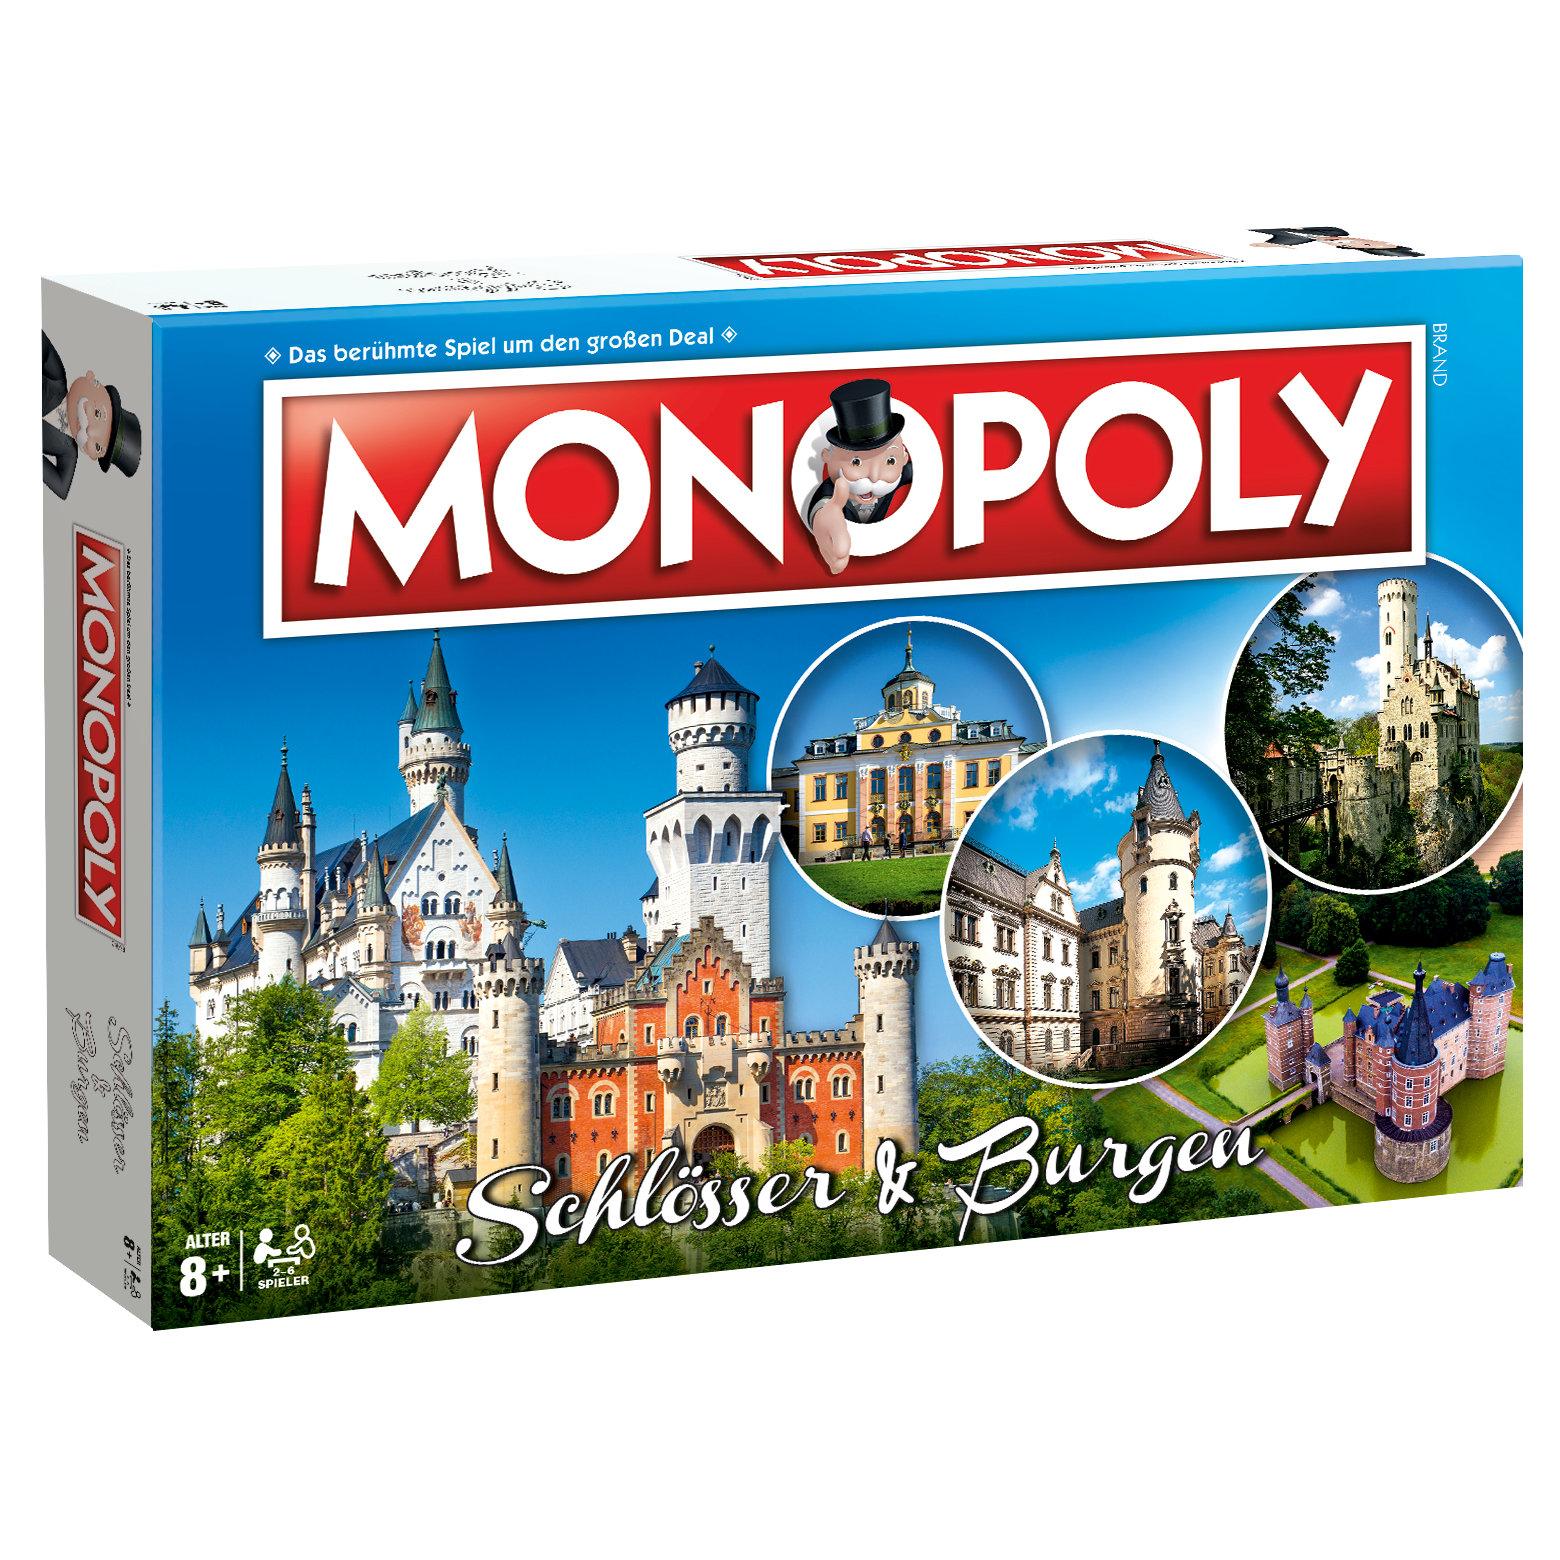 Monopoly Schlösser & Burgen